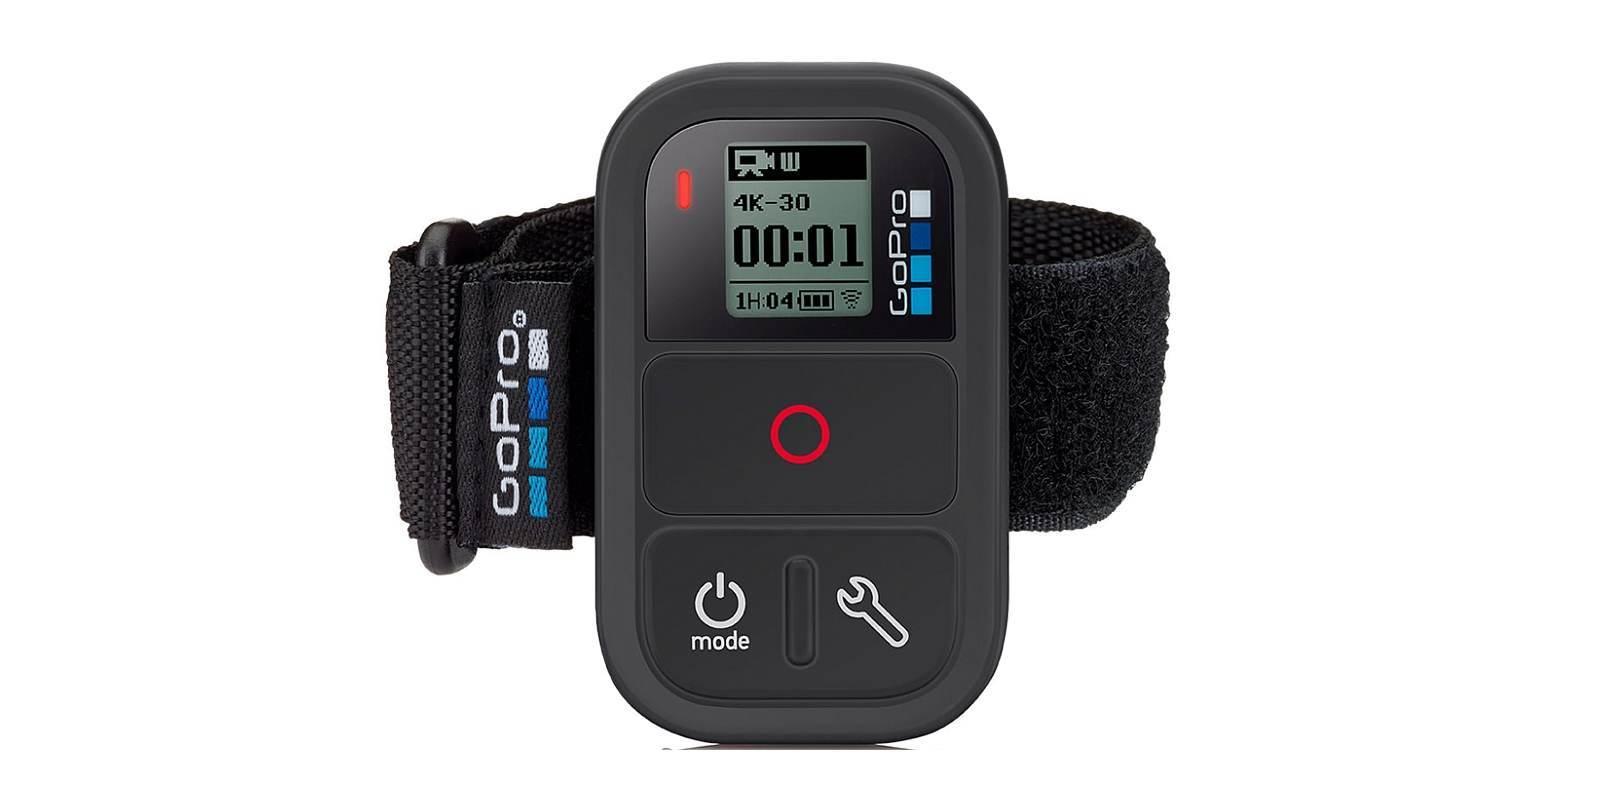 Пульт управления Wi-Fi Smart Remote (ARMTE-002) на ремешке